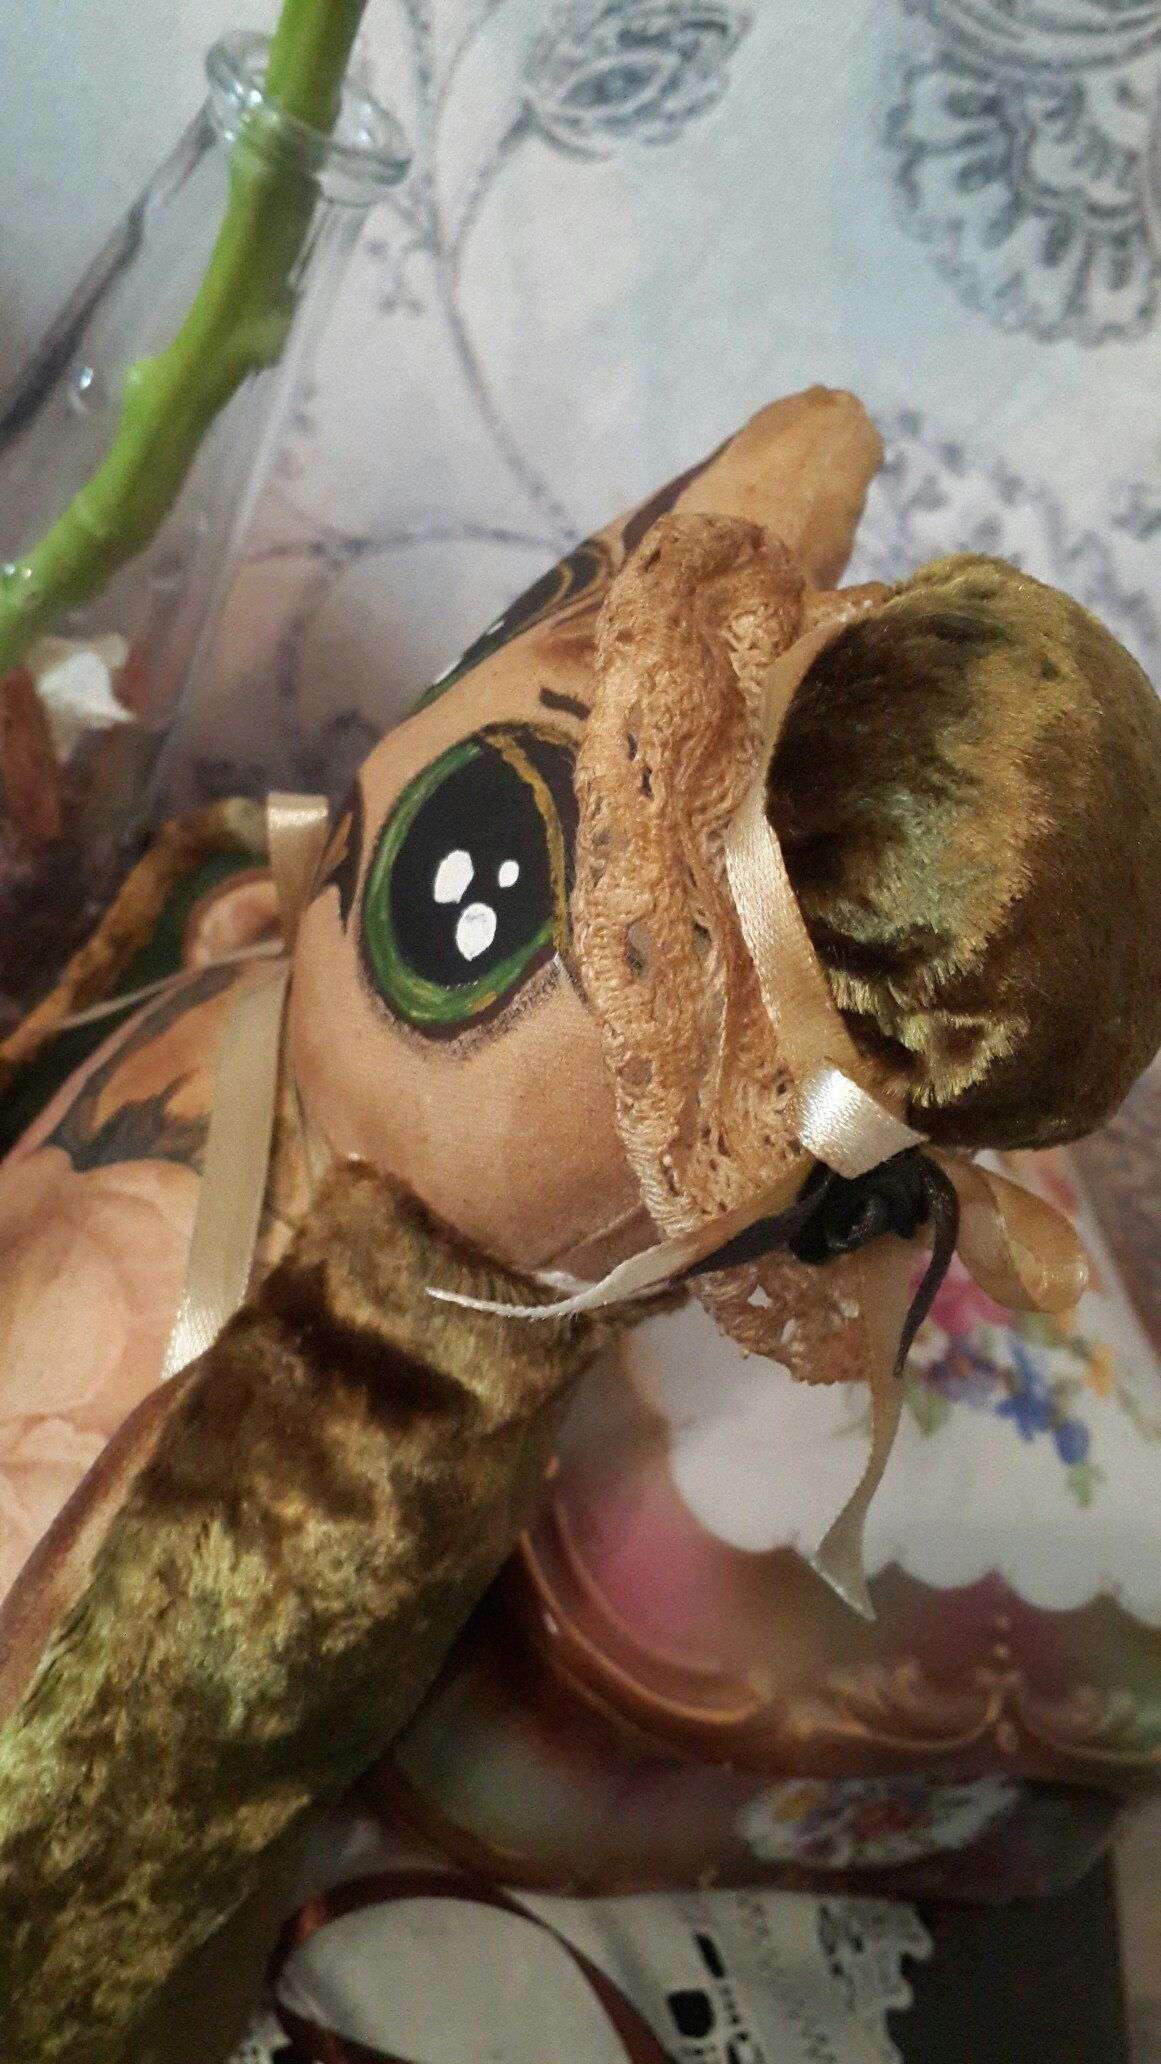 декупаж сова чердачная игрушка мягкая интерьер корица кофе пряник